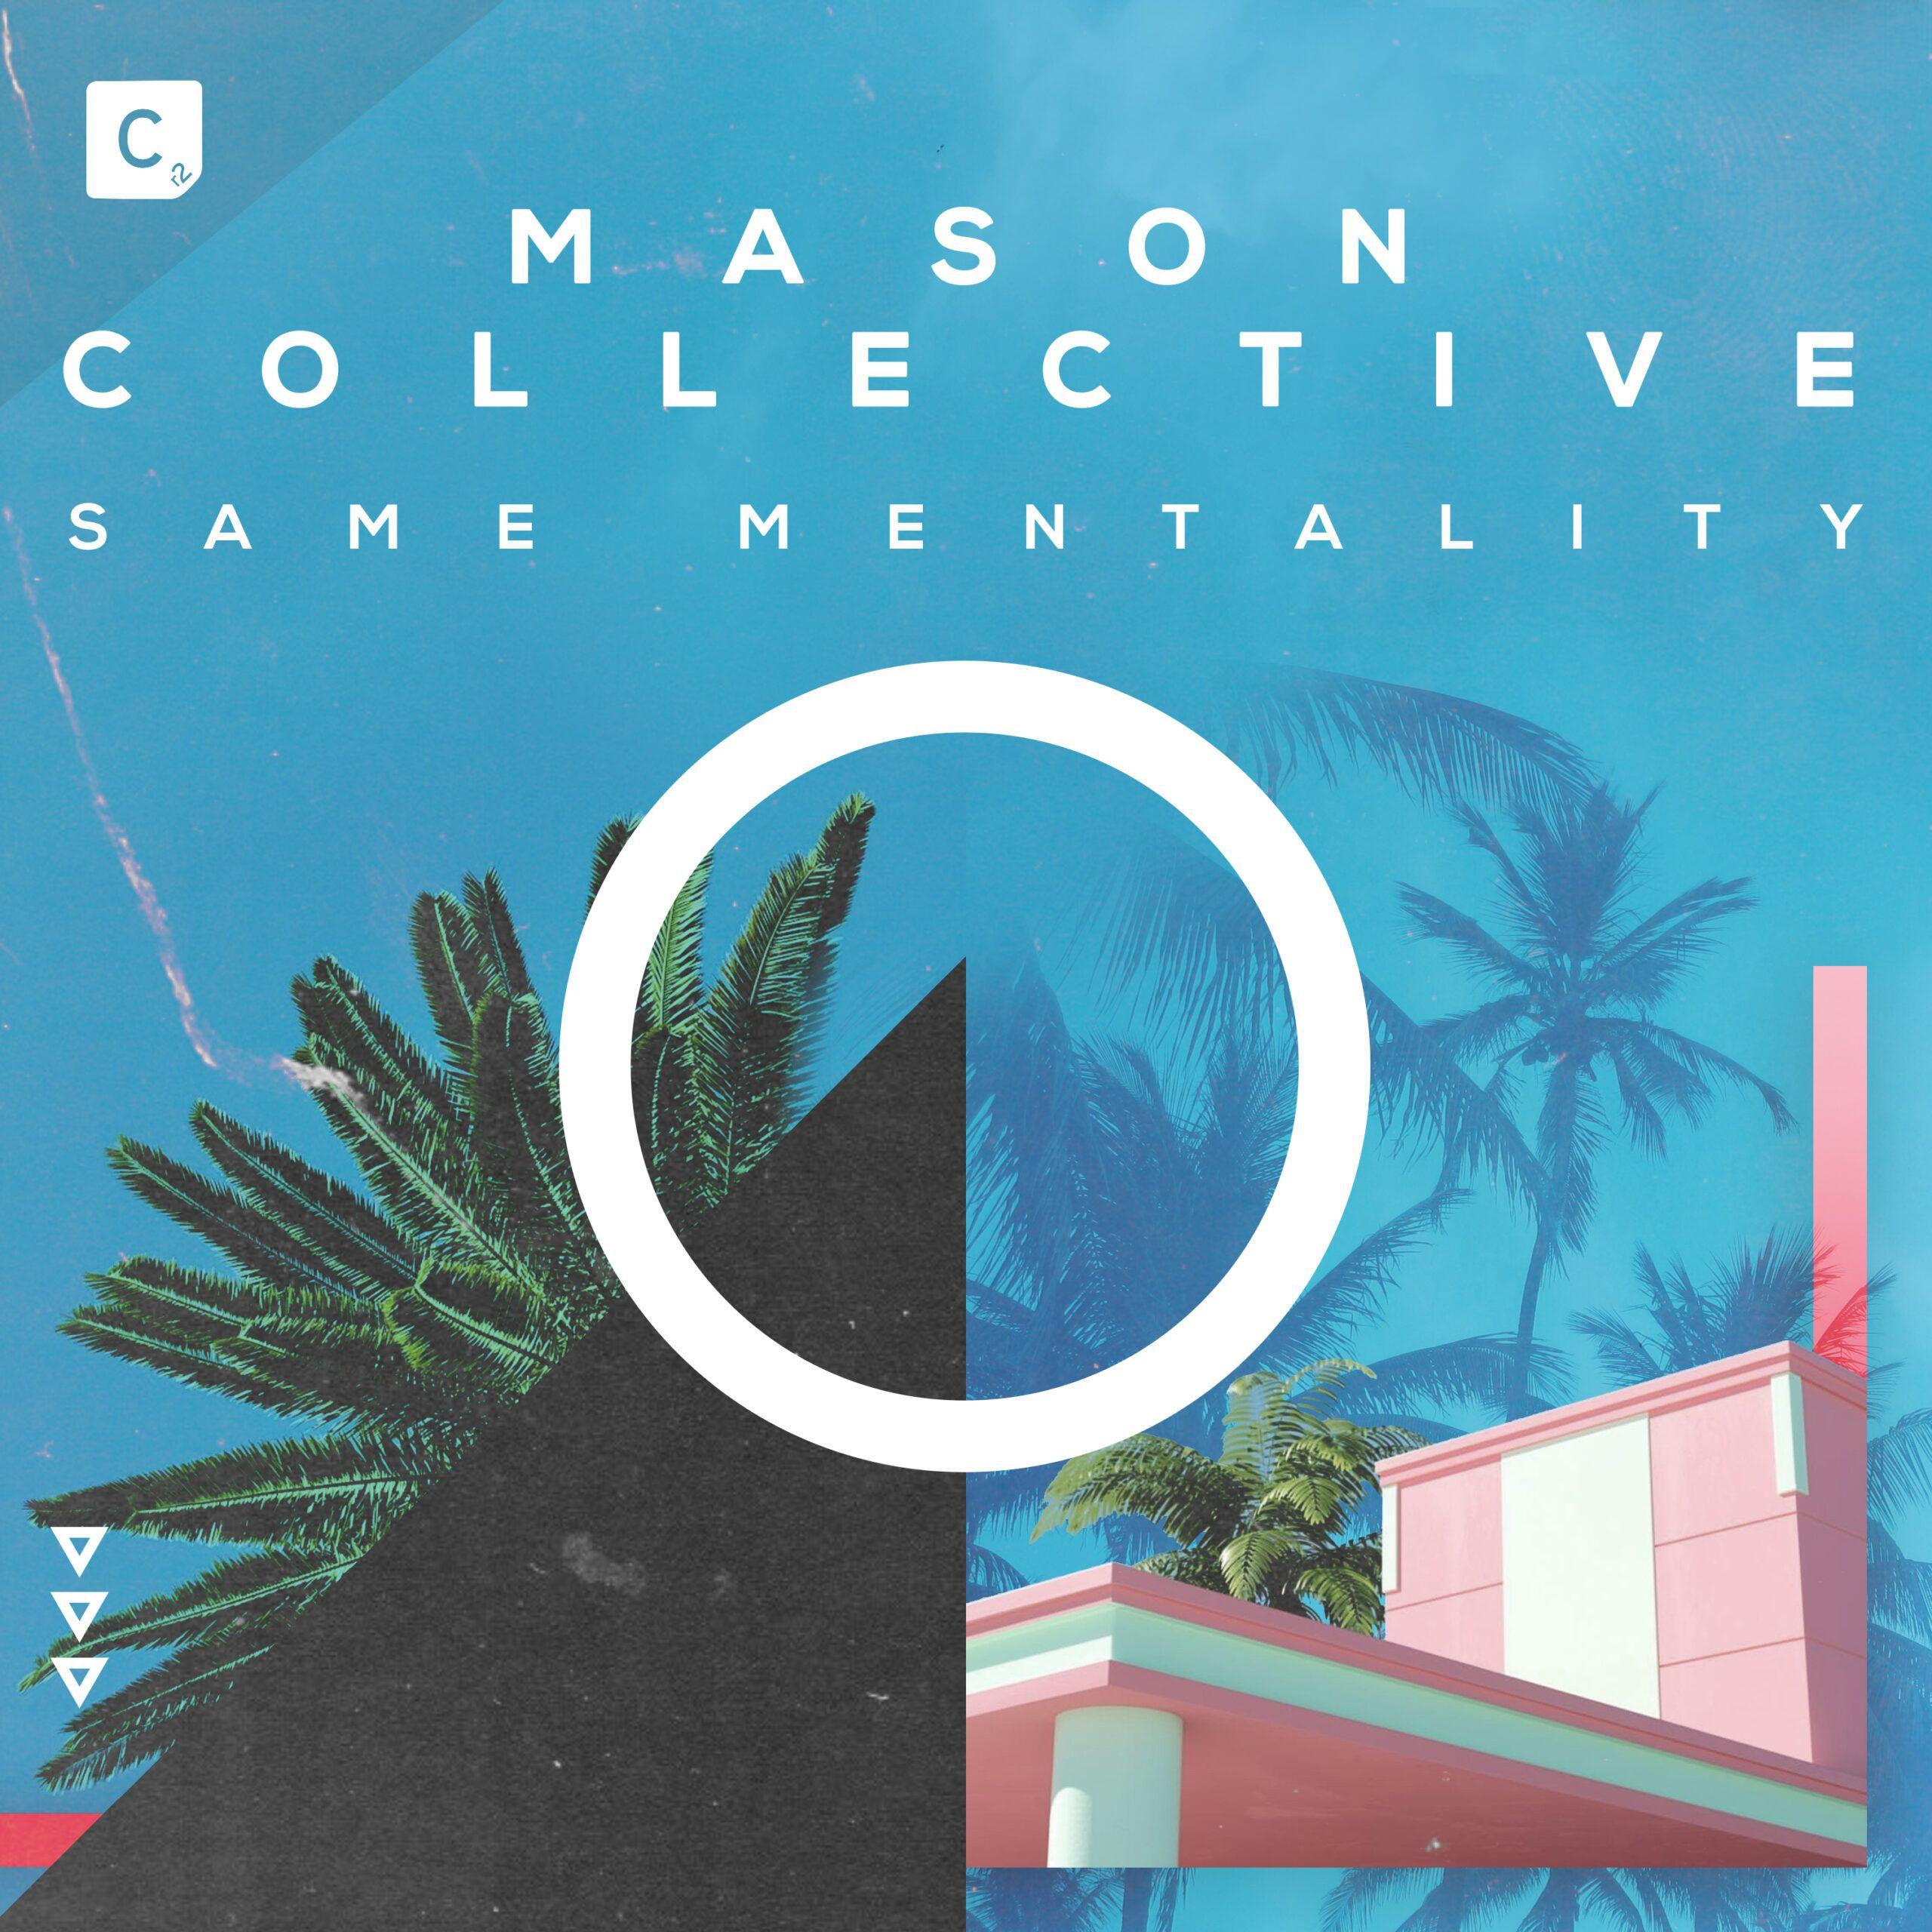 mason_collective_-_same_mentality.jpg